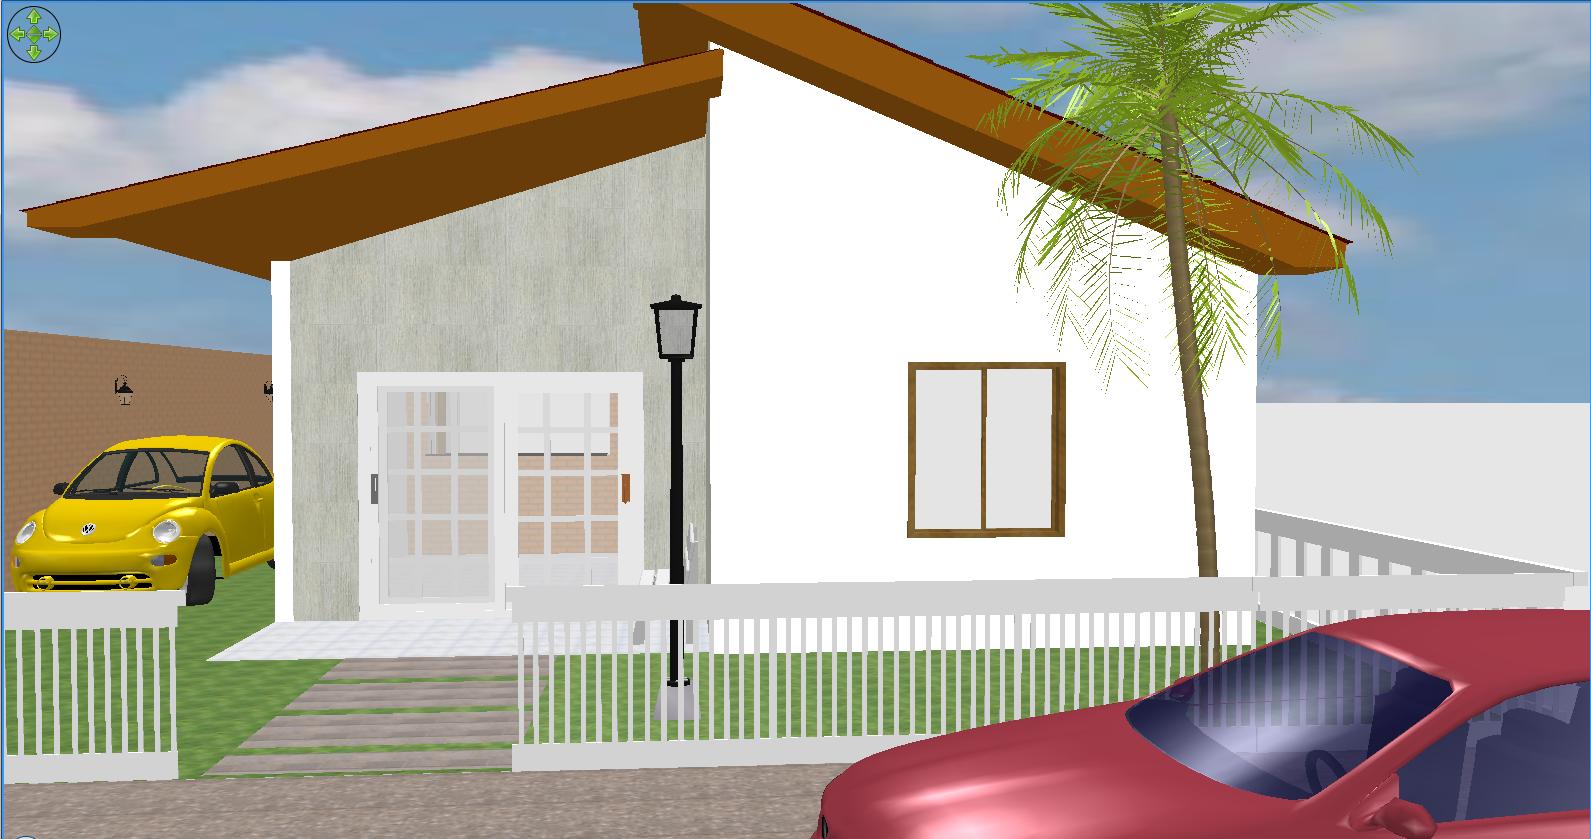 #803F20 Macoi Projetos de Casas: Projeto de casa com 2 dormitórios sala  1591x839 px Projetos De Cozinha Online #375 imagens